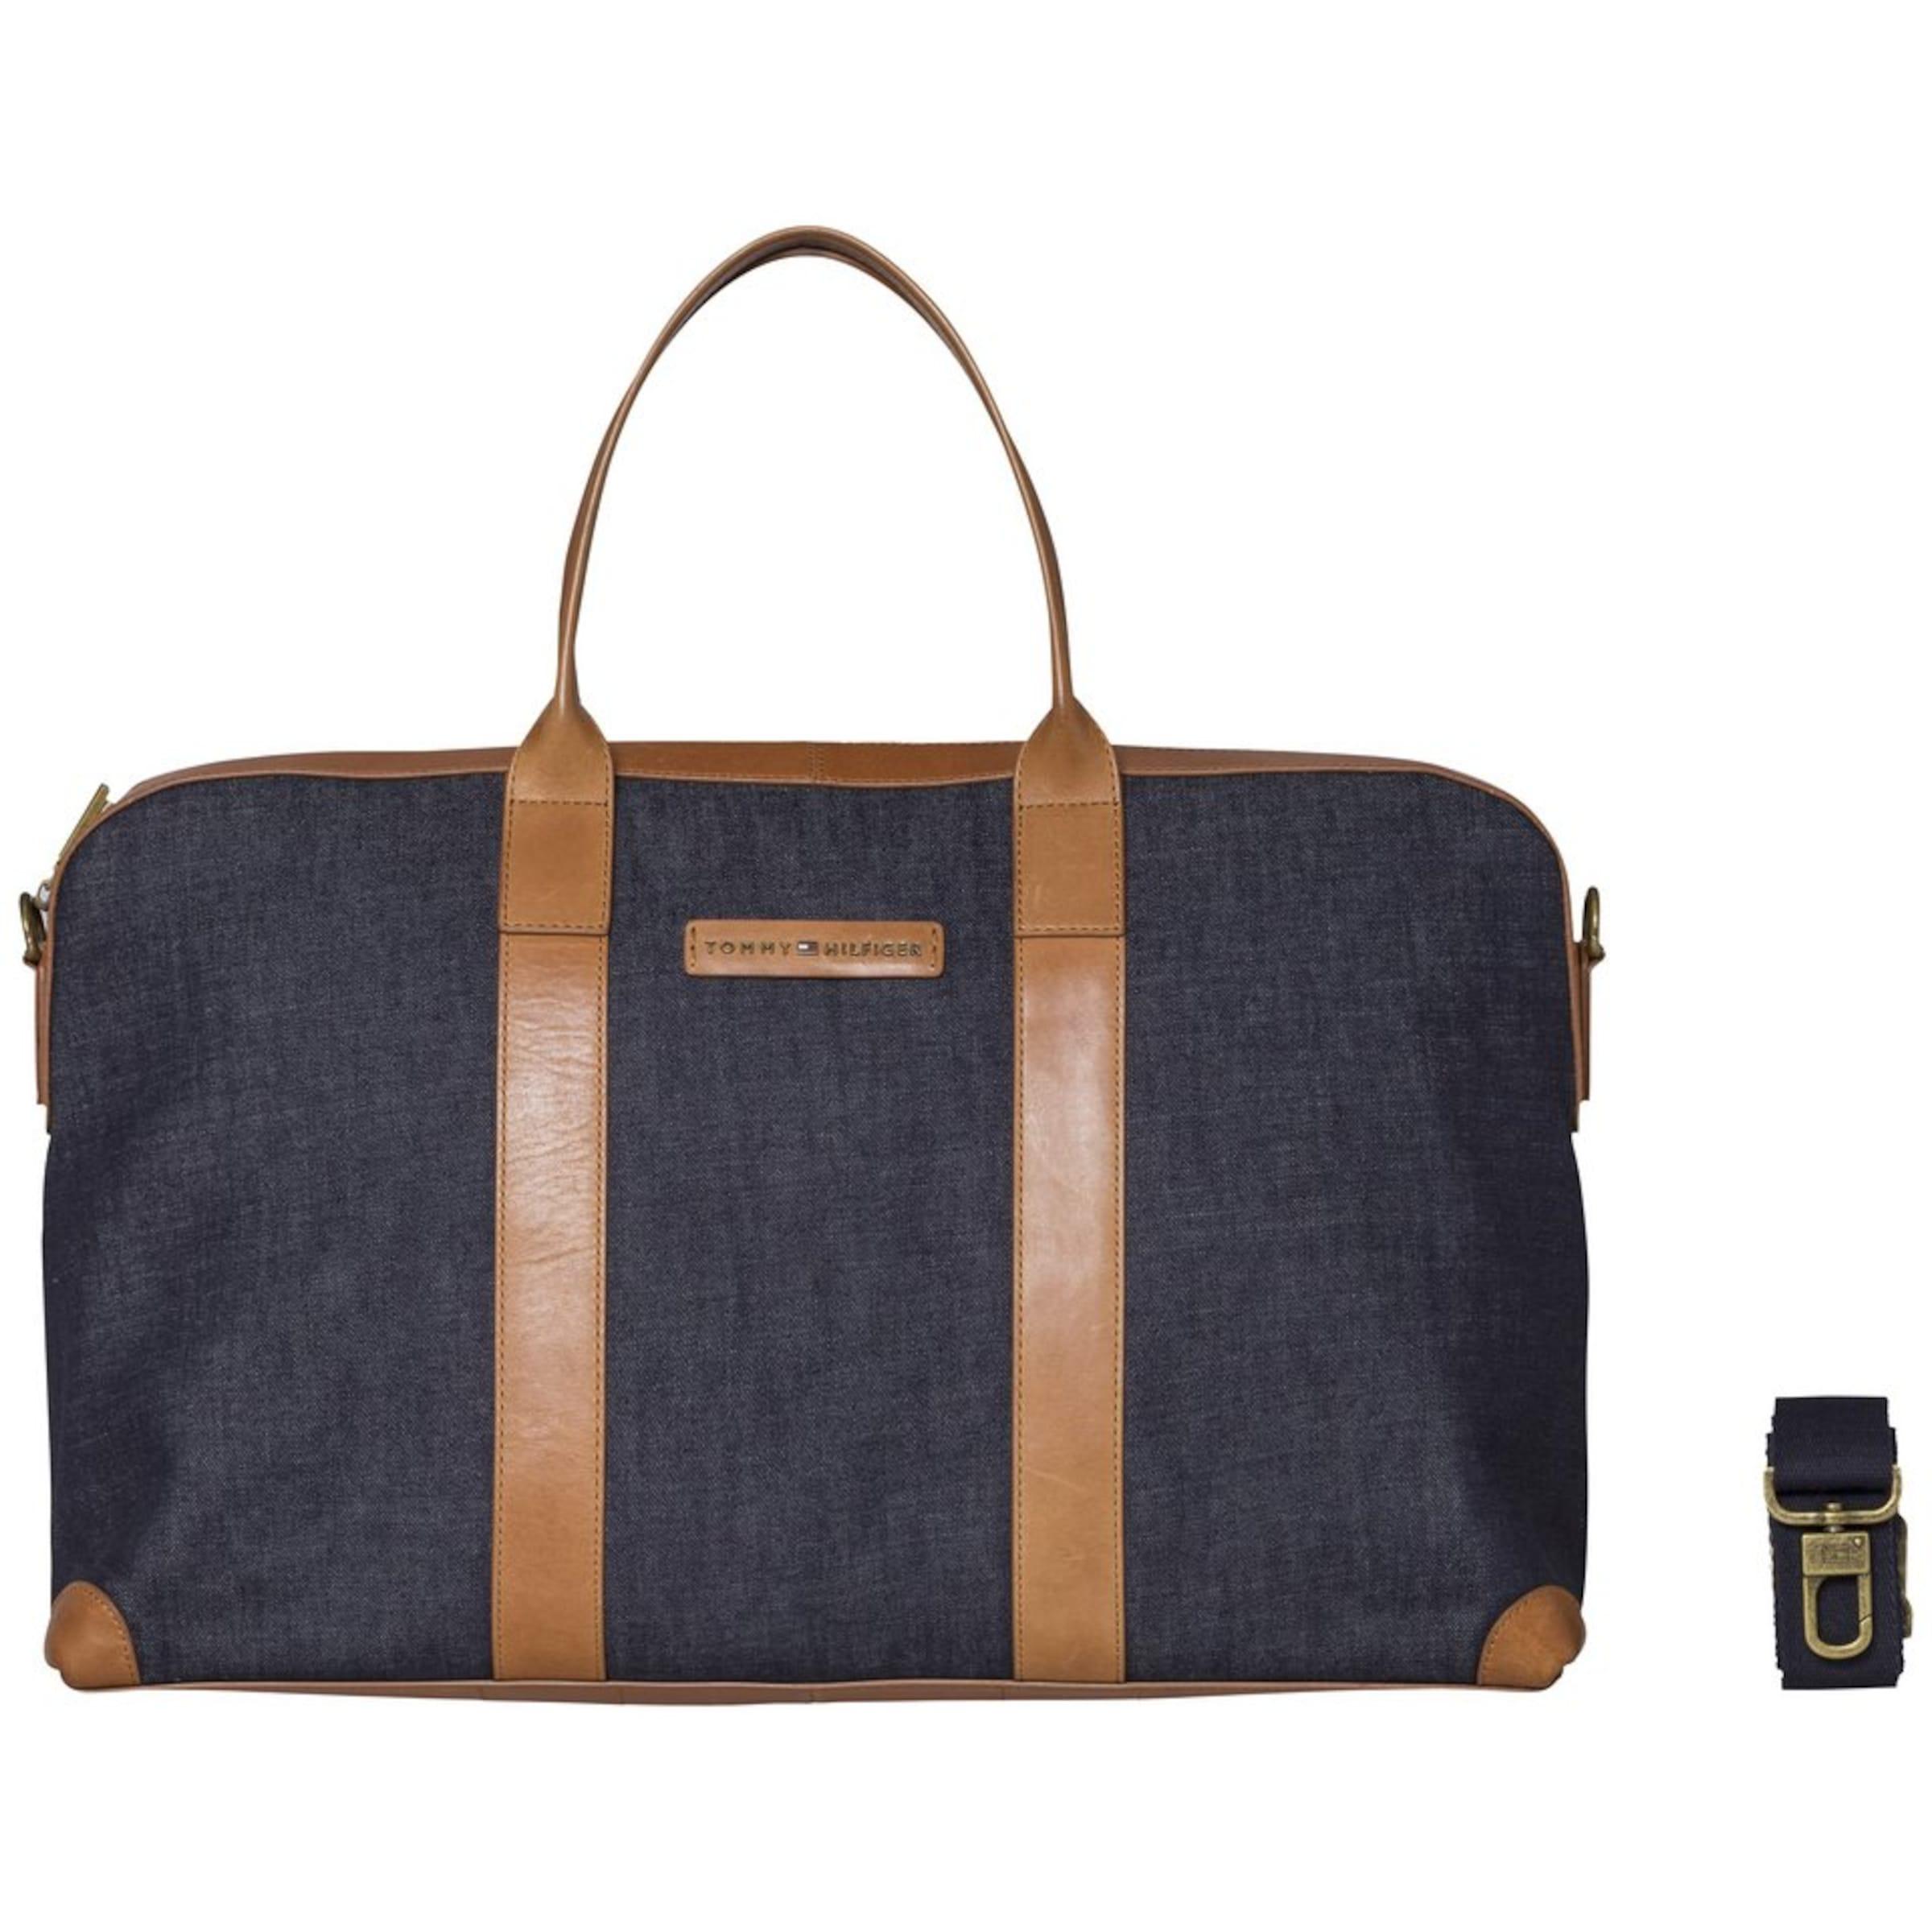 TOMMY HILFIGER Handtasche »DUFFLE DENIM« Gutes Verkauf Günstiger Preis Billig Verkauf Heißen Verkauf Mode Online Kaufen Authentische Online 1q2TyuuGz